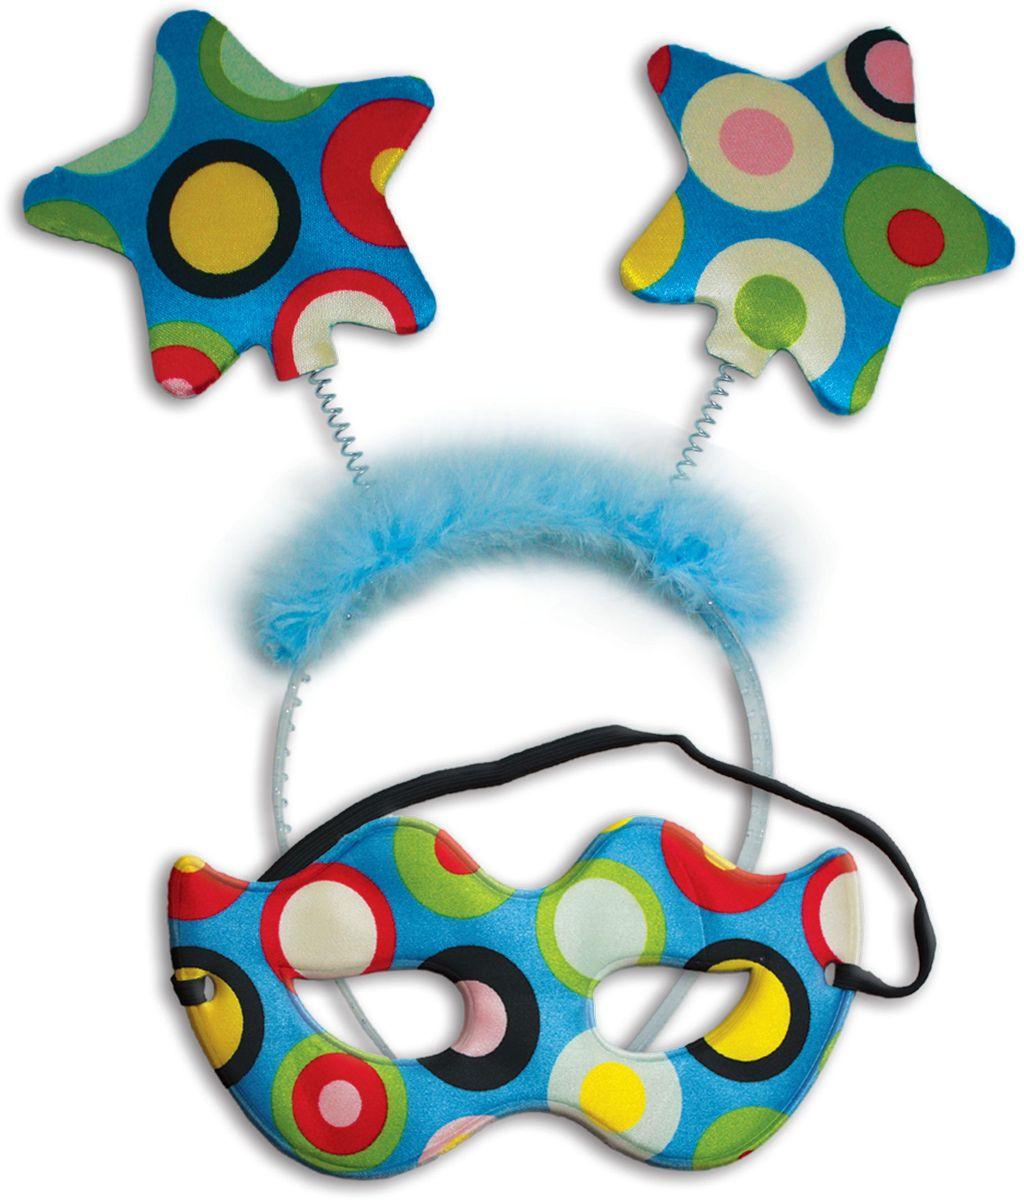 Partymania Праздничный ободок Маска карнавальная со звездочками T1223 цвет разноцветныйT1223_разноцветныйИзделие развлекательного характера. Красочное дополнение к карнавальному костюму. Праздник станет ярким м красочным!